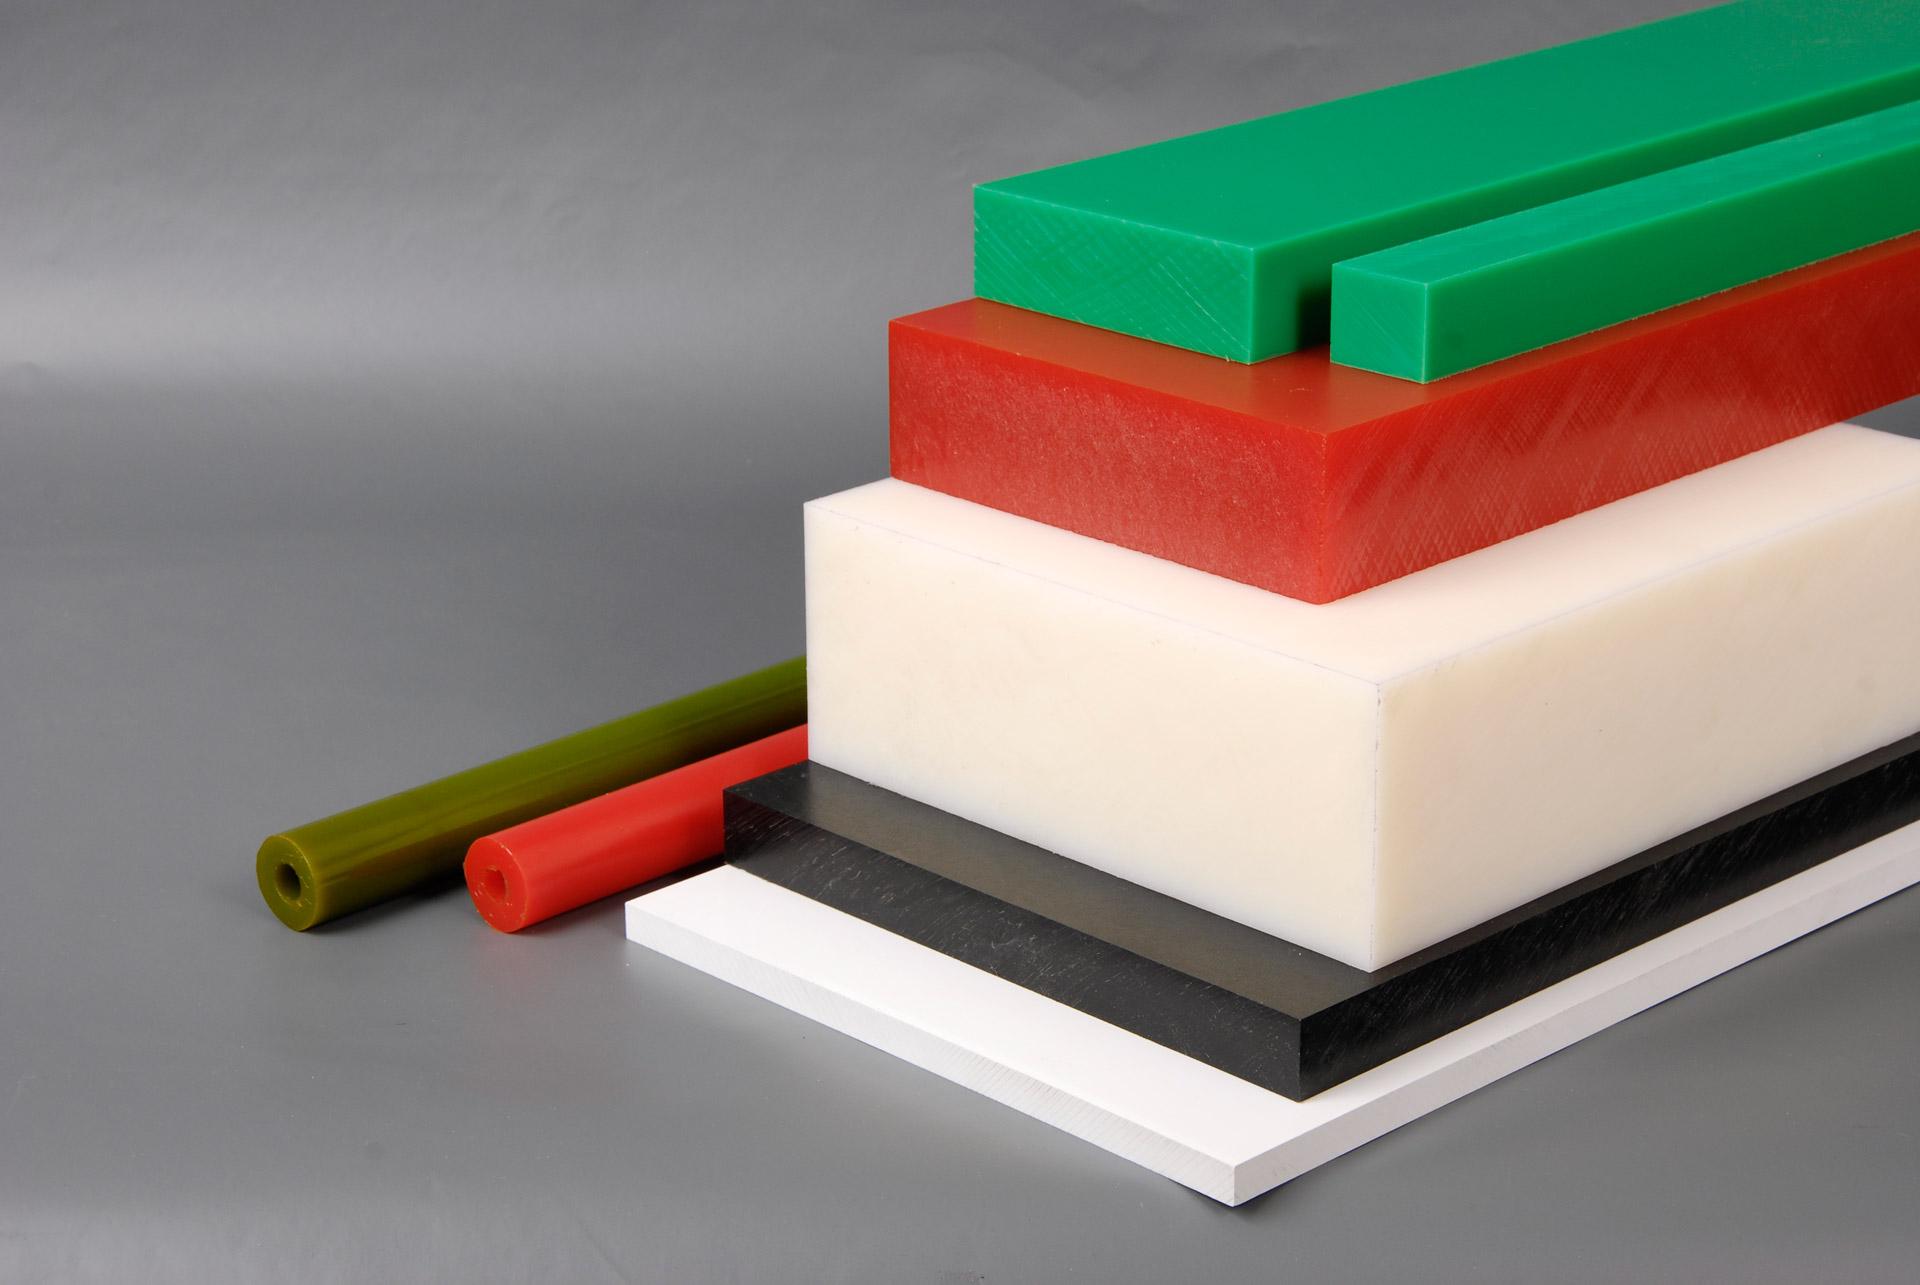 ma zuschnitte aus technischen kunststoffplatten. Black Bedroom Furniture Sets. Home Design Ideas